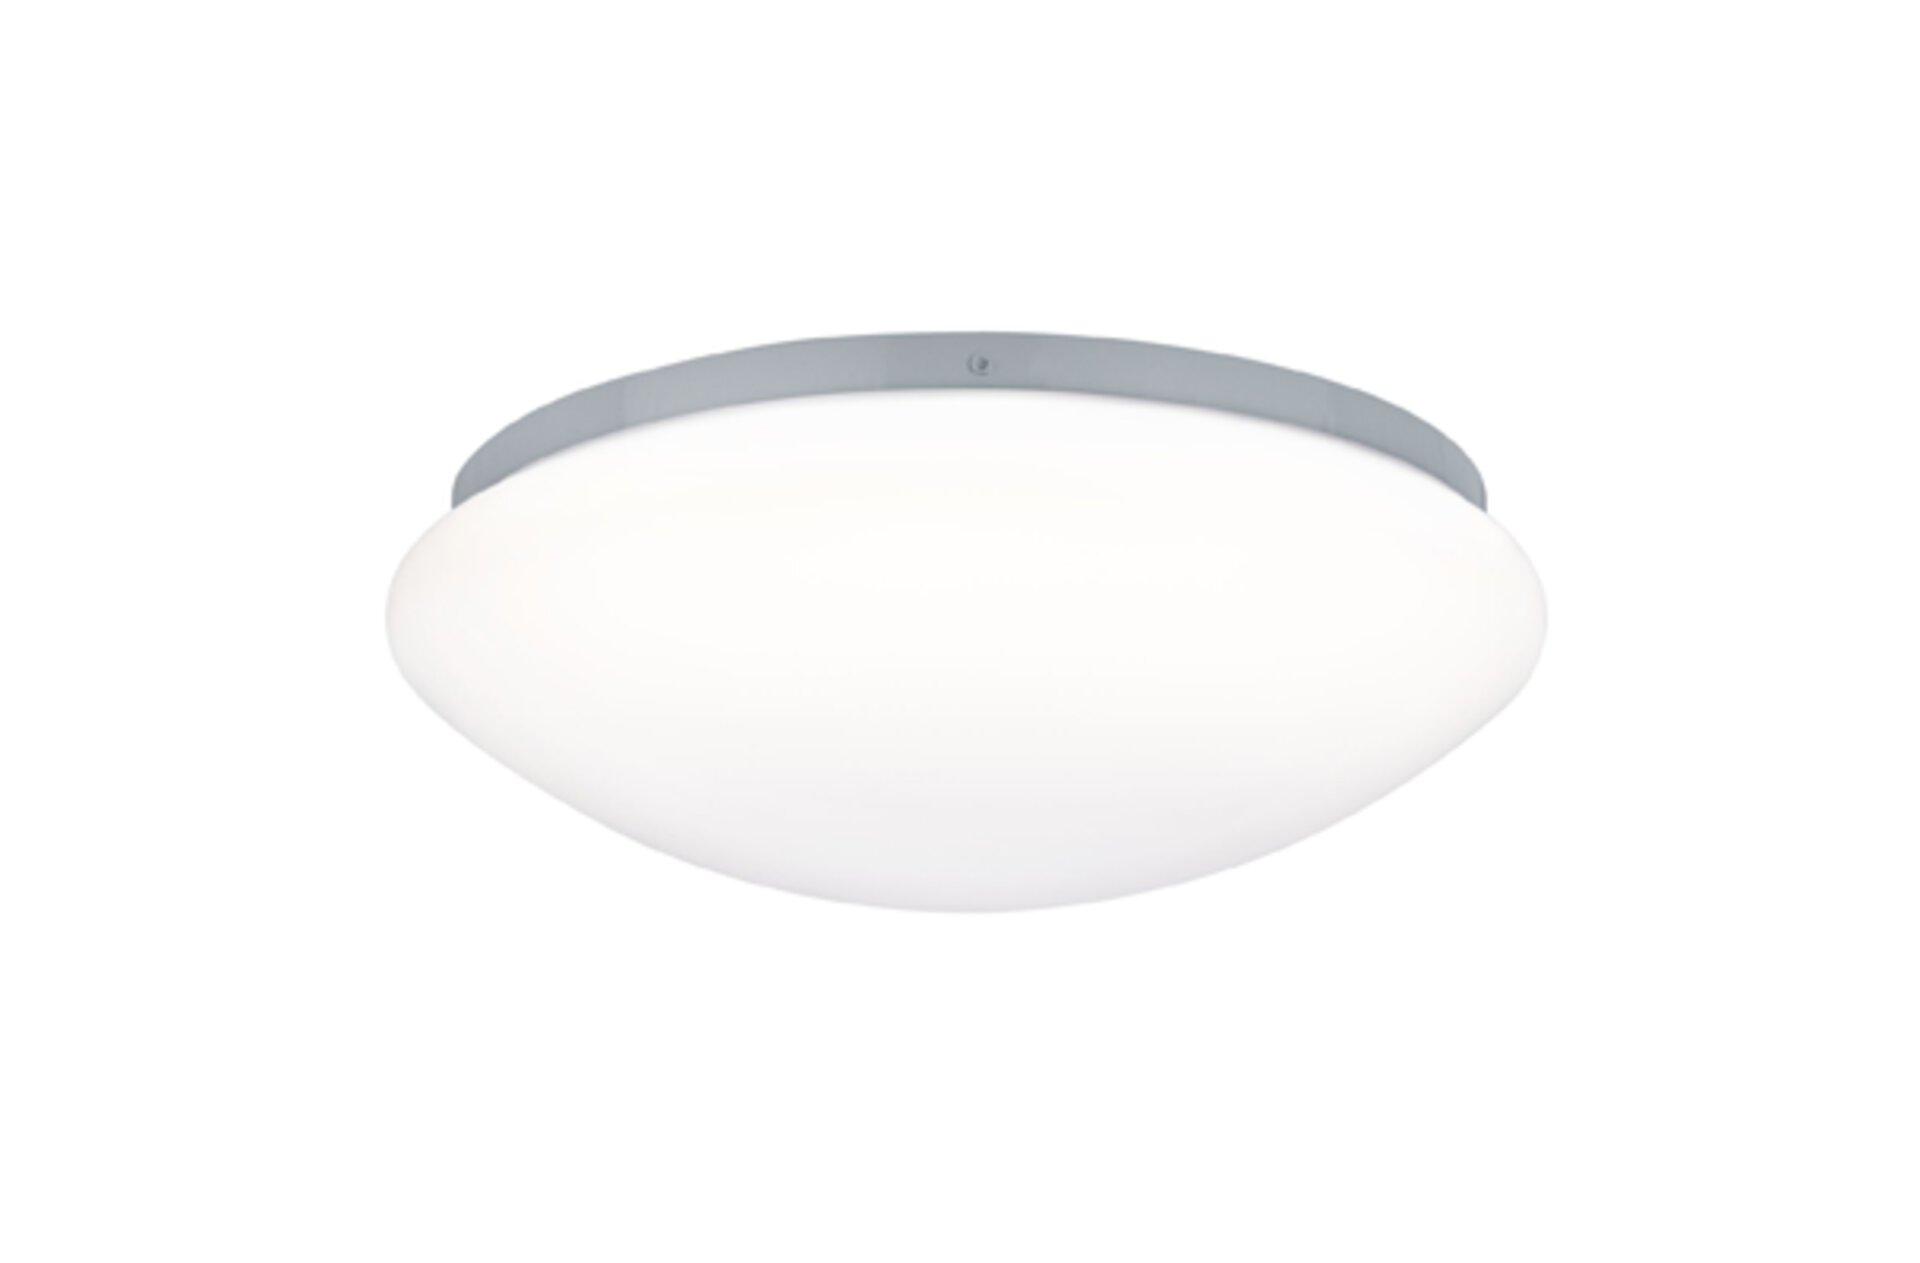 Paulmann, Möbel Inhofer, Leuchte, Lampe, Deckenleuchte, Wohnen, Licht